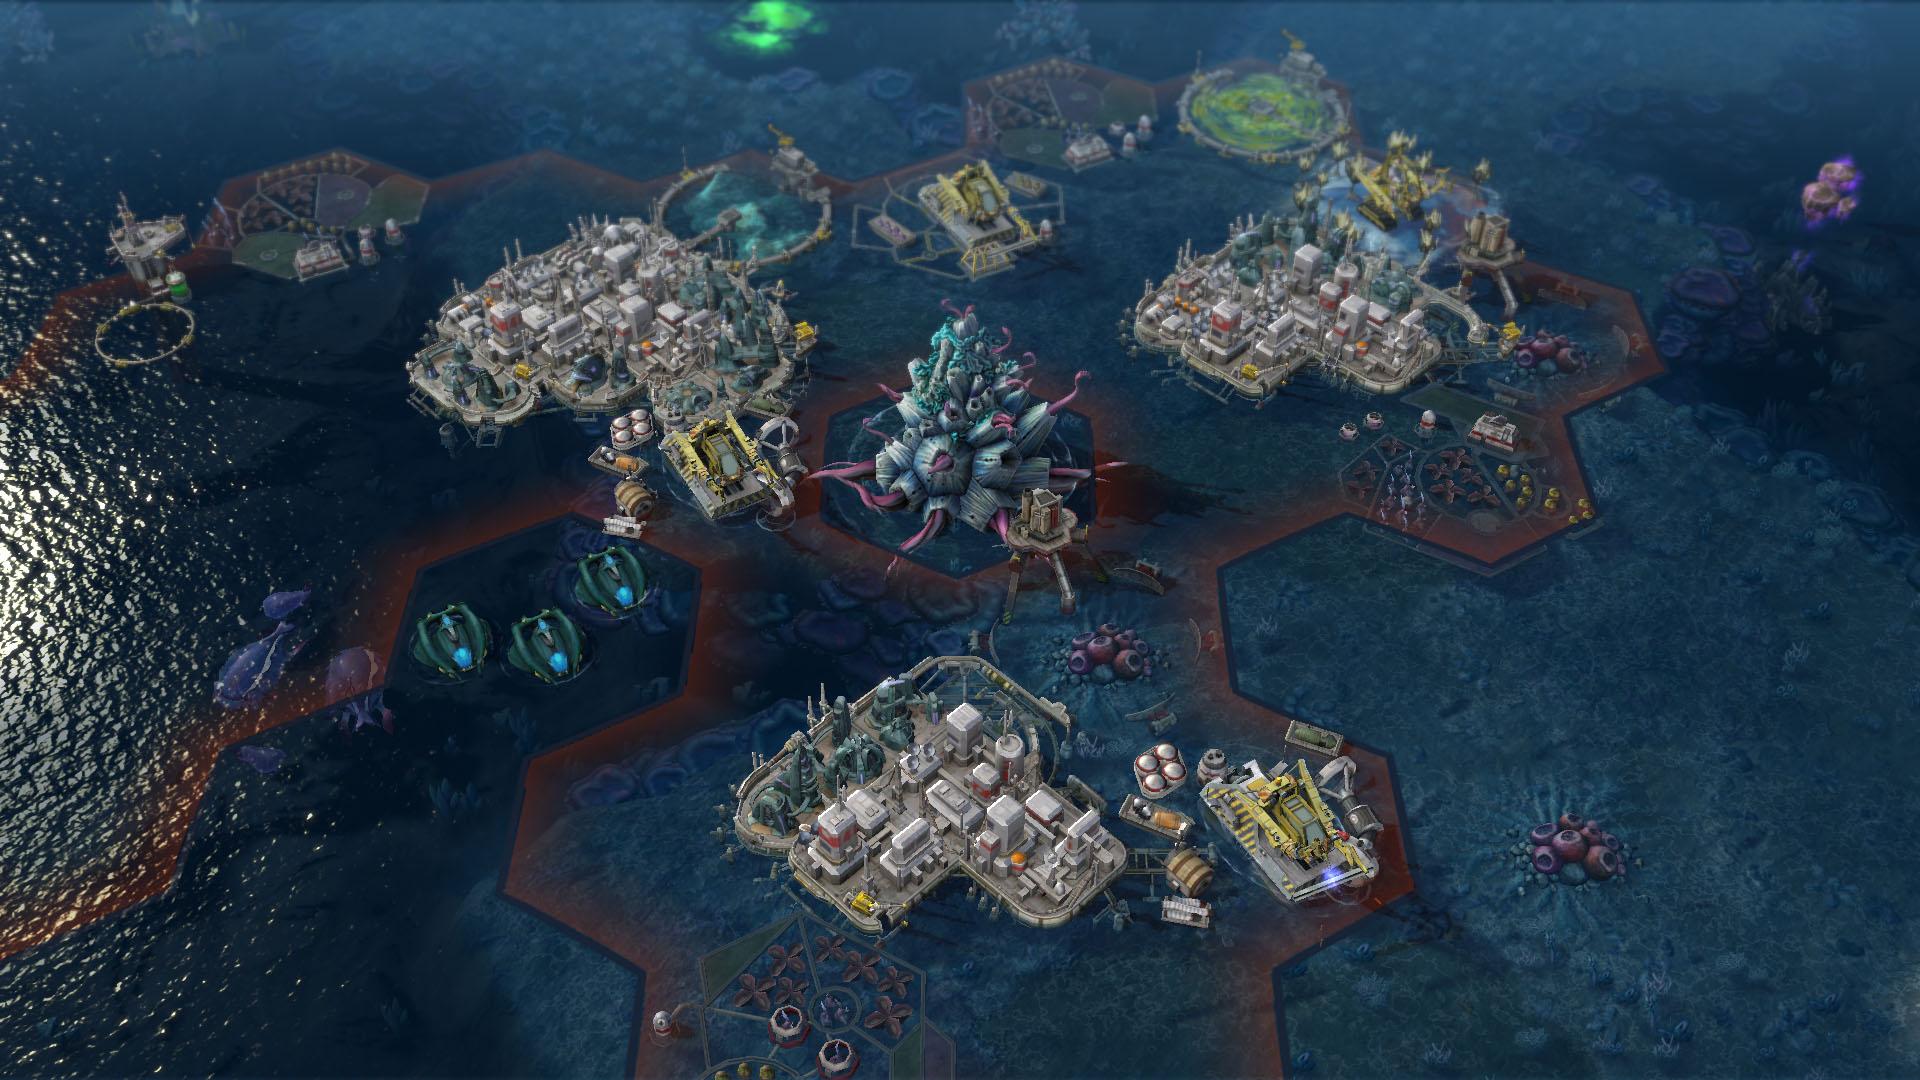 08. Aquatic cities